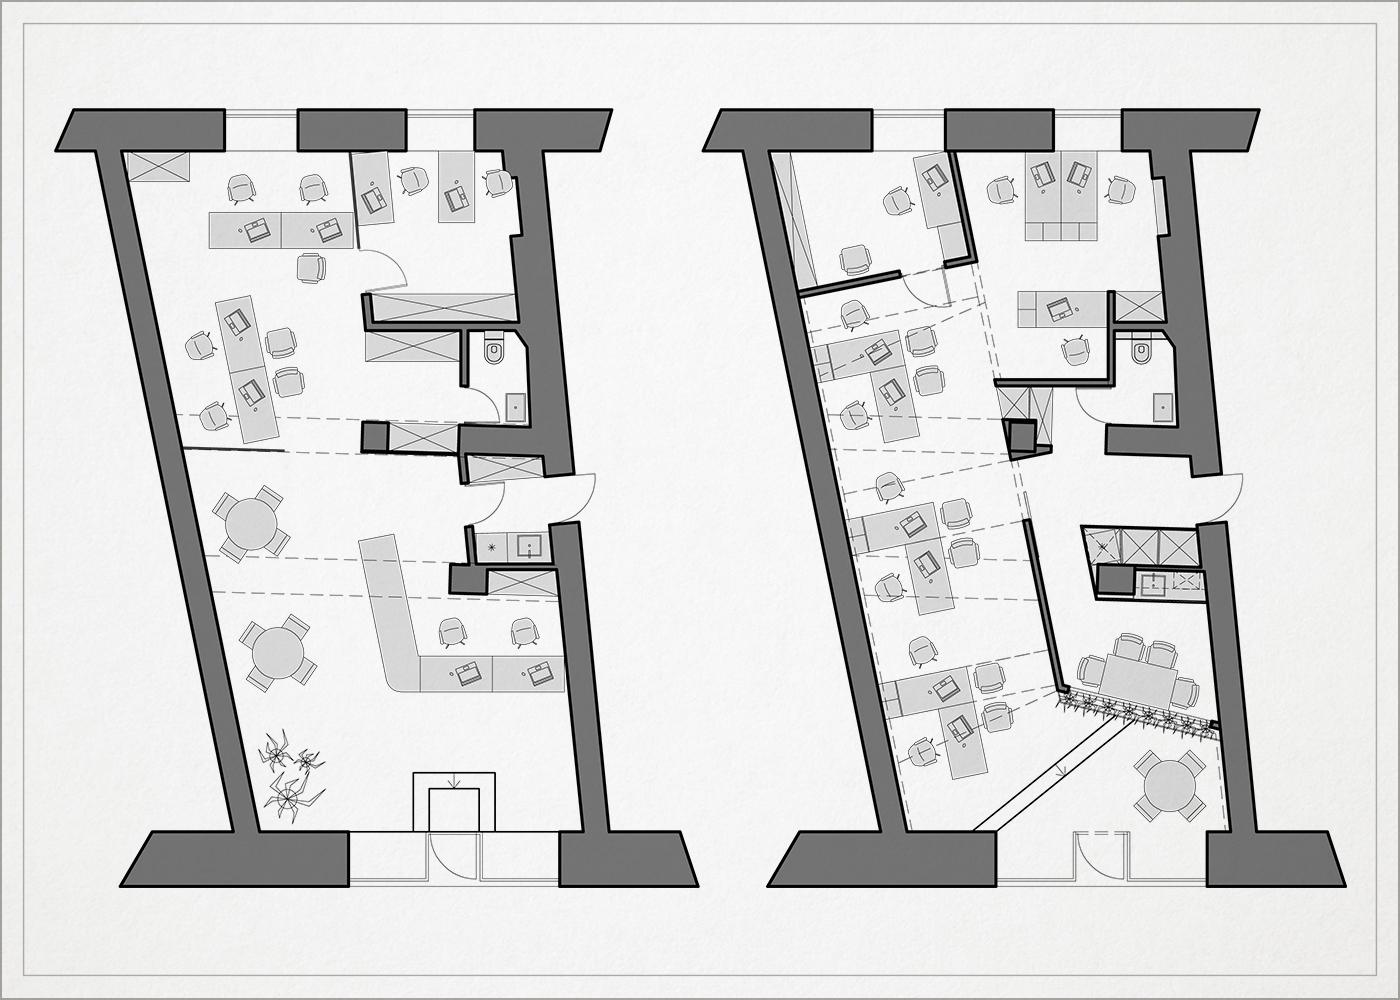 kelioniu agenturos biuro buves isplanavimas ir suprojektuotas isplanavimas